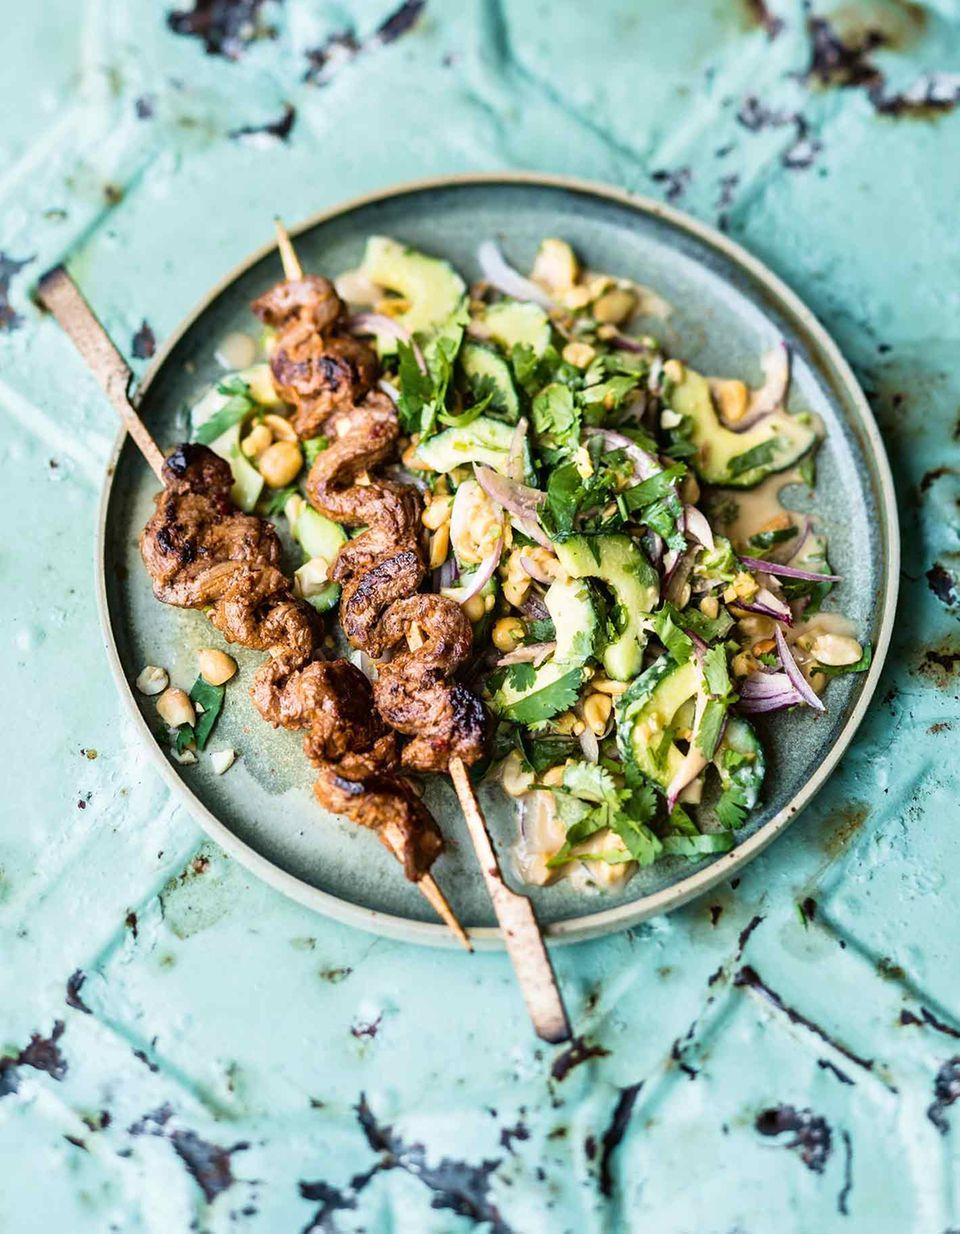 Gurken-Erdnuss-Salat mit Rindfleisch-Spießen